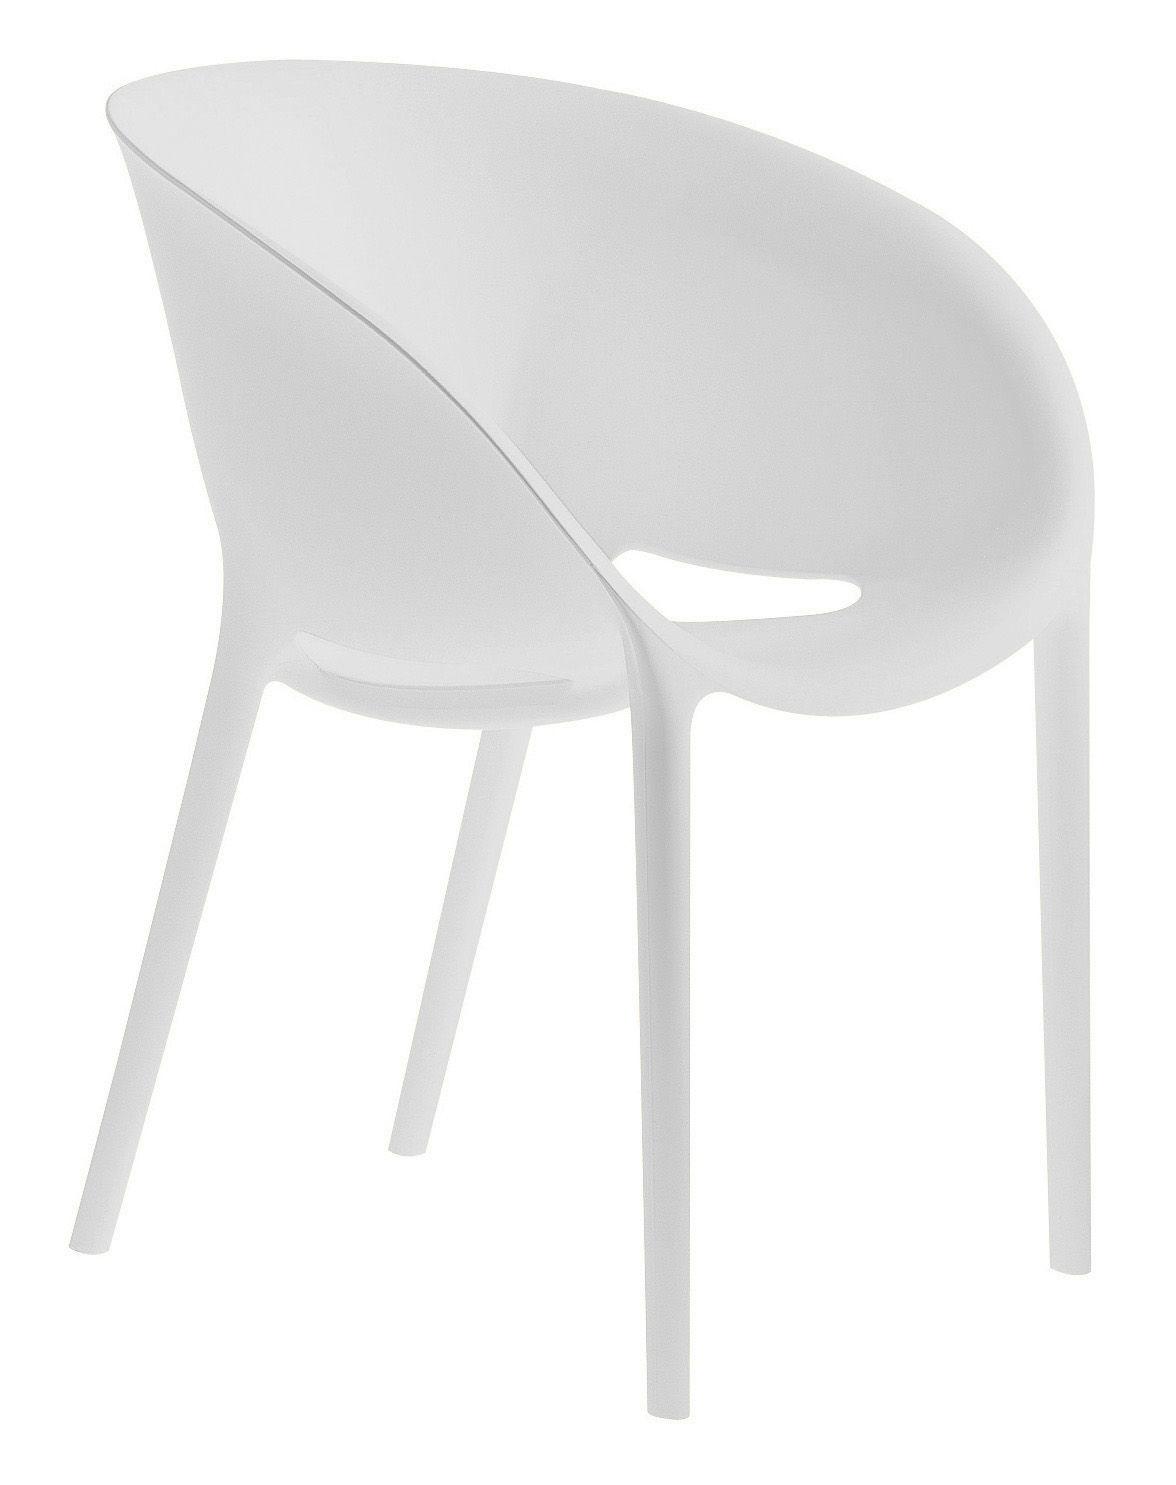 Mobilier - Chaises, fauteuils de salle à manger - Fauteuil empilable Soft Egg / Polypropylène - Driade - Blanc - Polypropylène